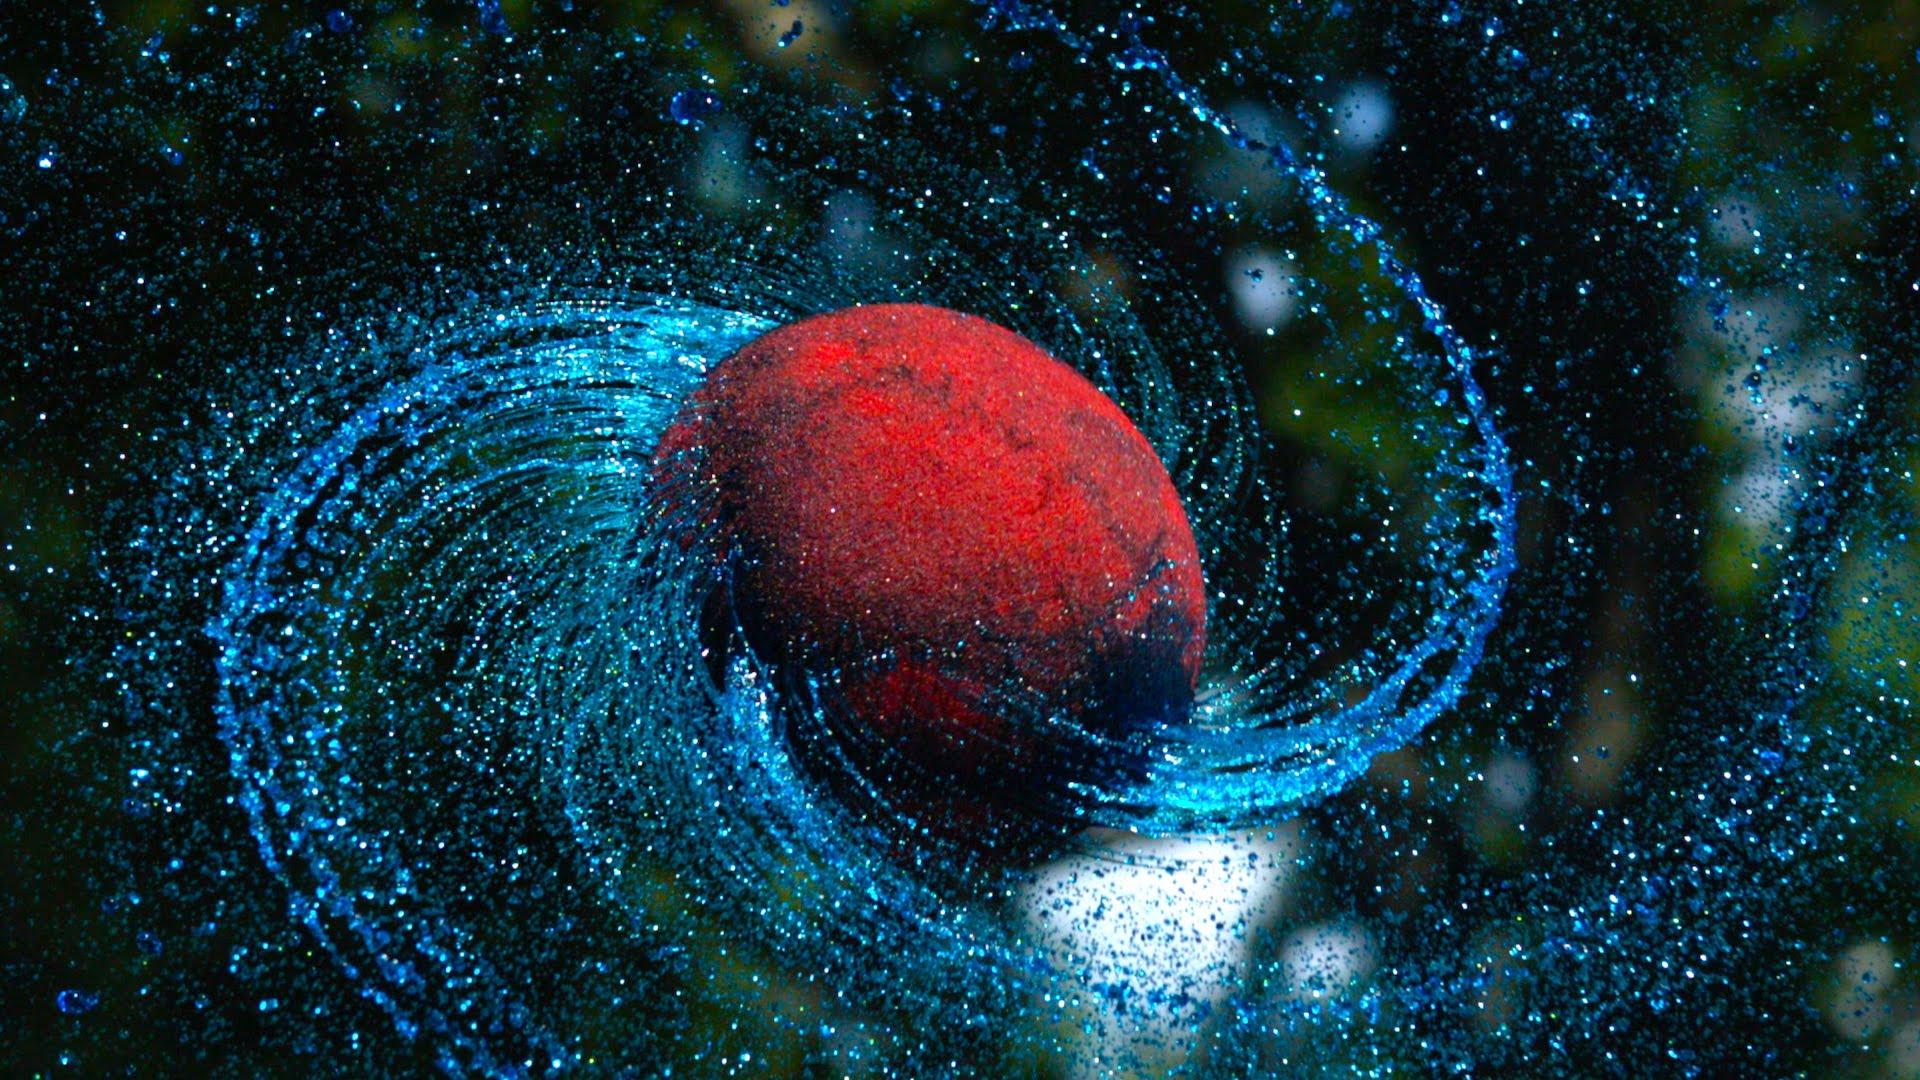 液体につけたボールをスーパースローで撮影すると惑星っぽくなる